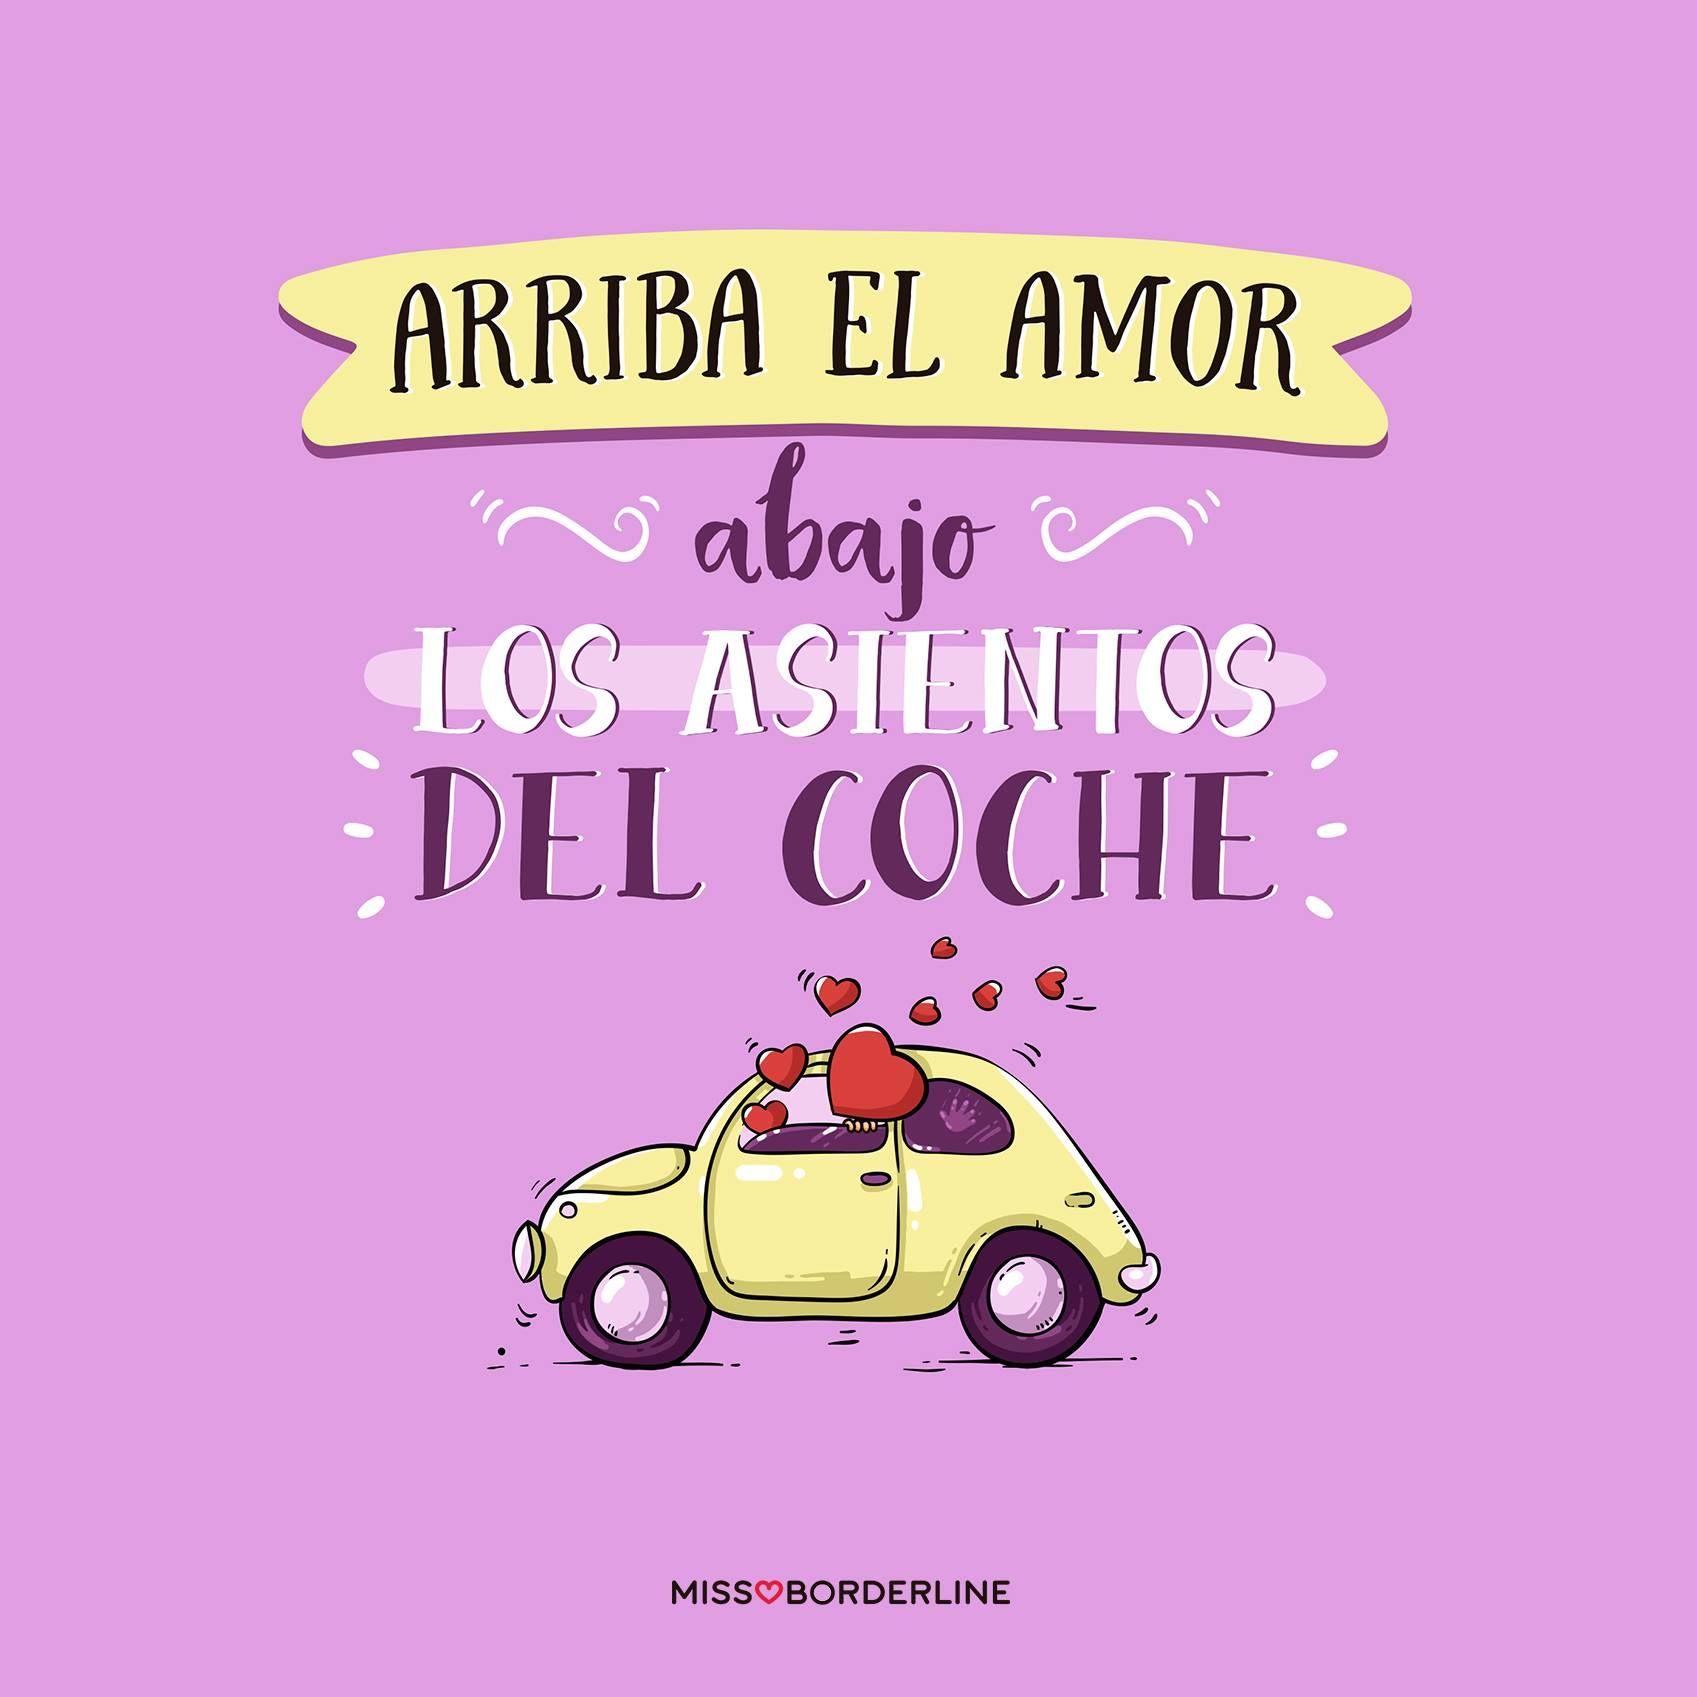 Arriba El Amor Abajo Los Asientos Del Coche Love Amor Frases